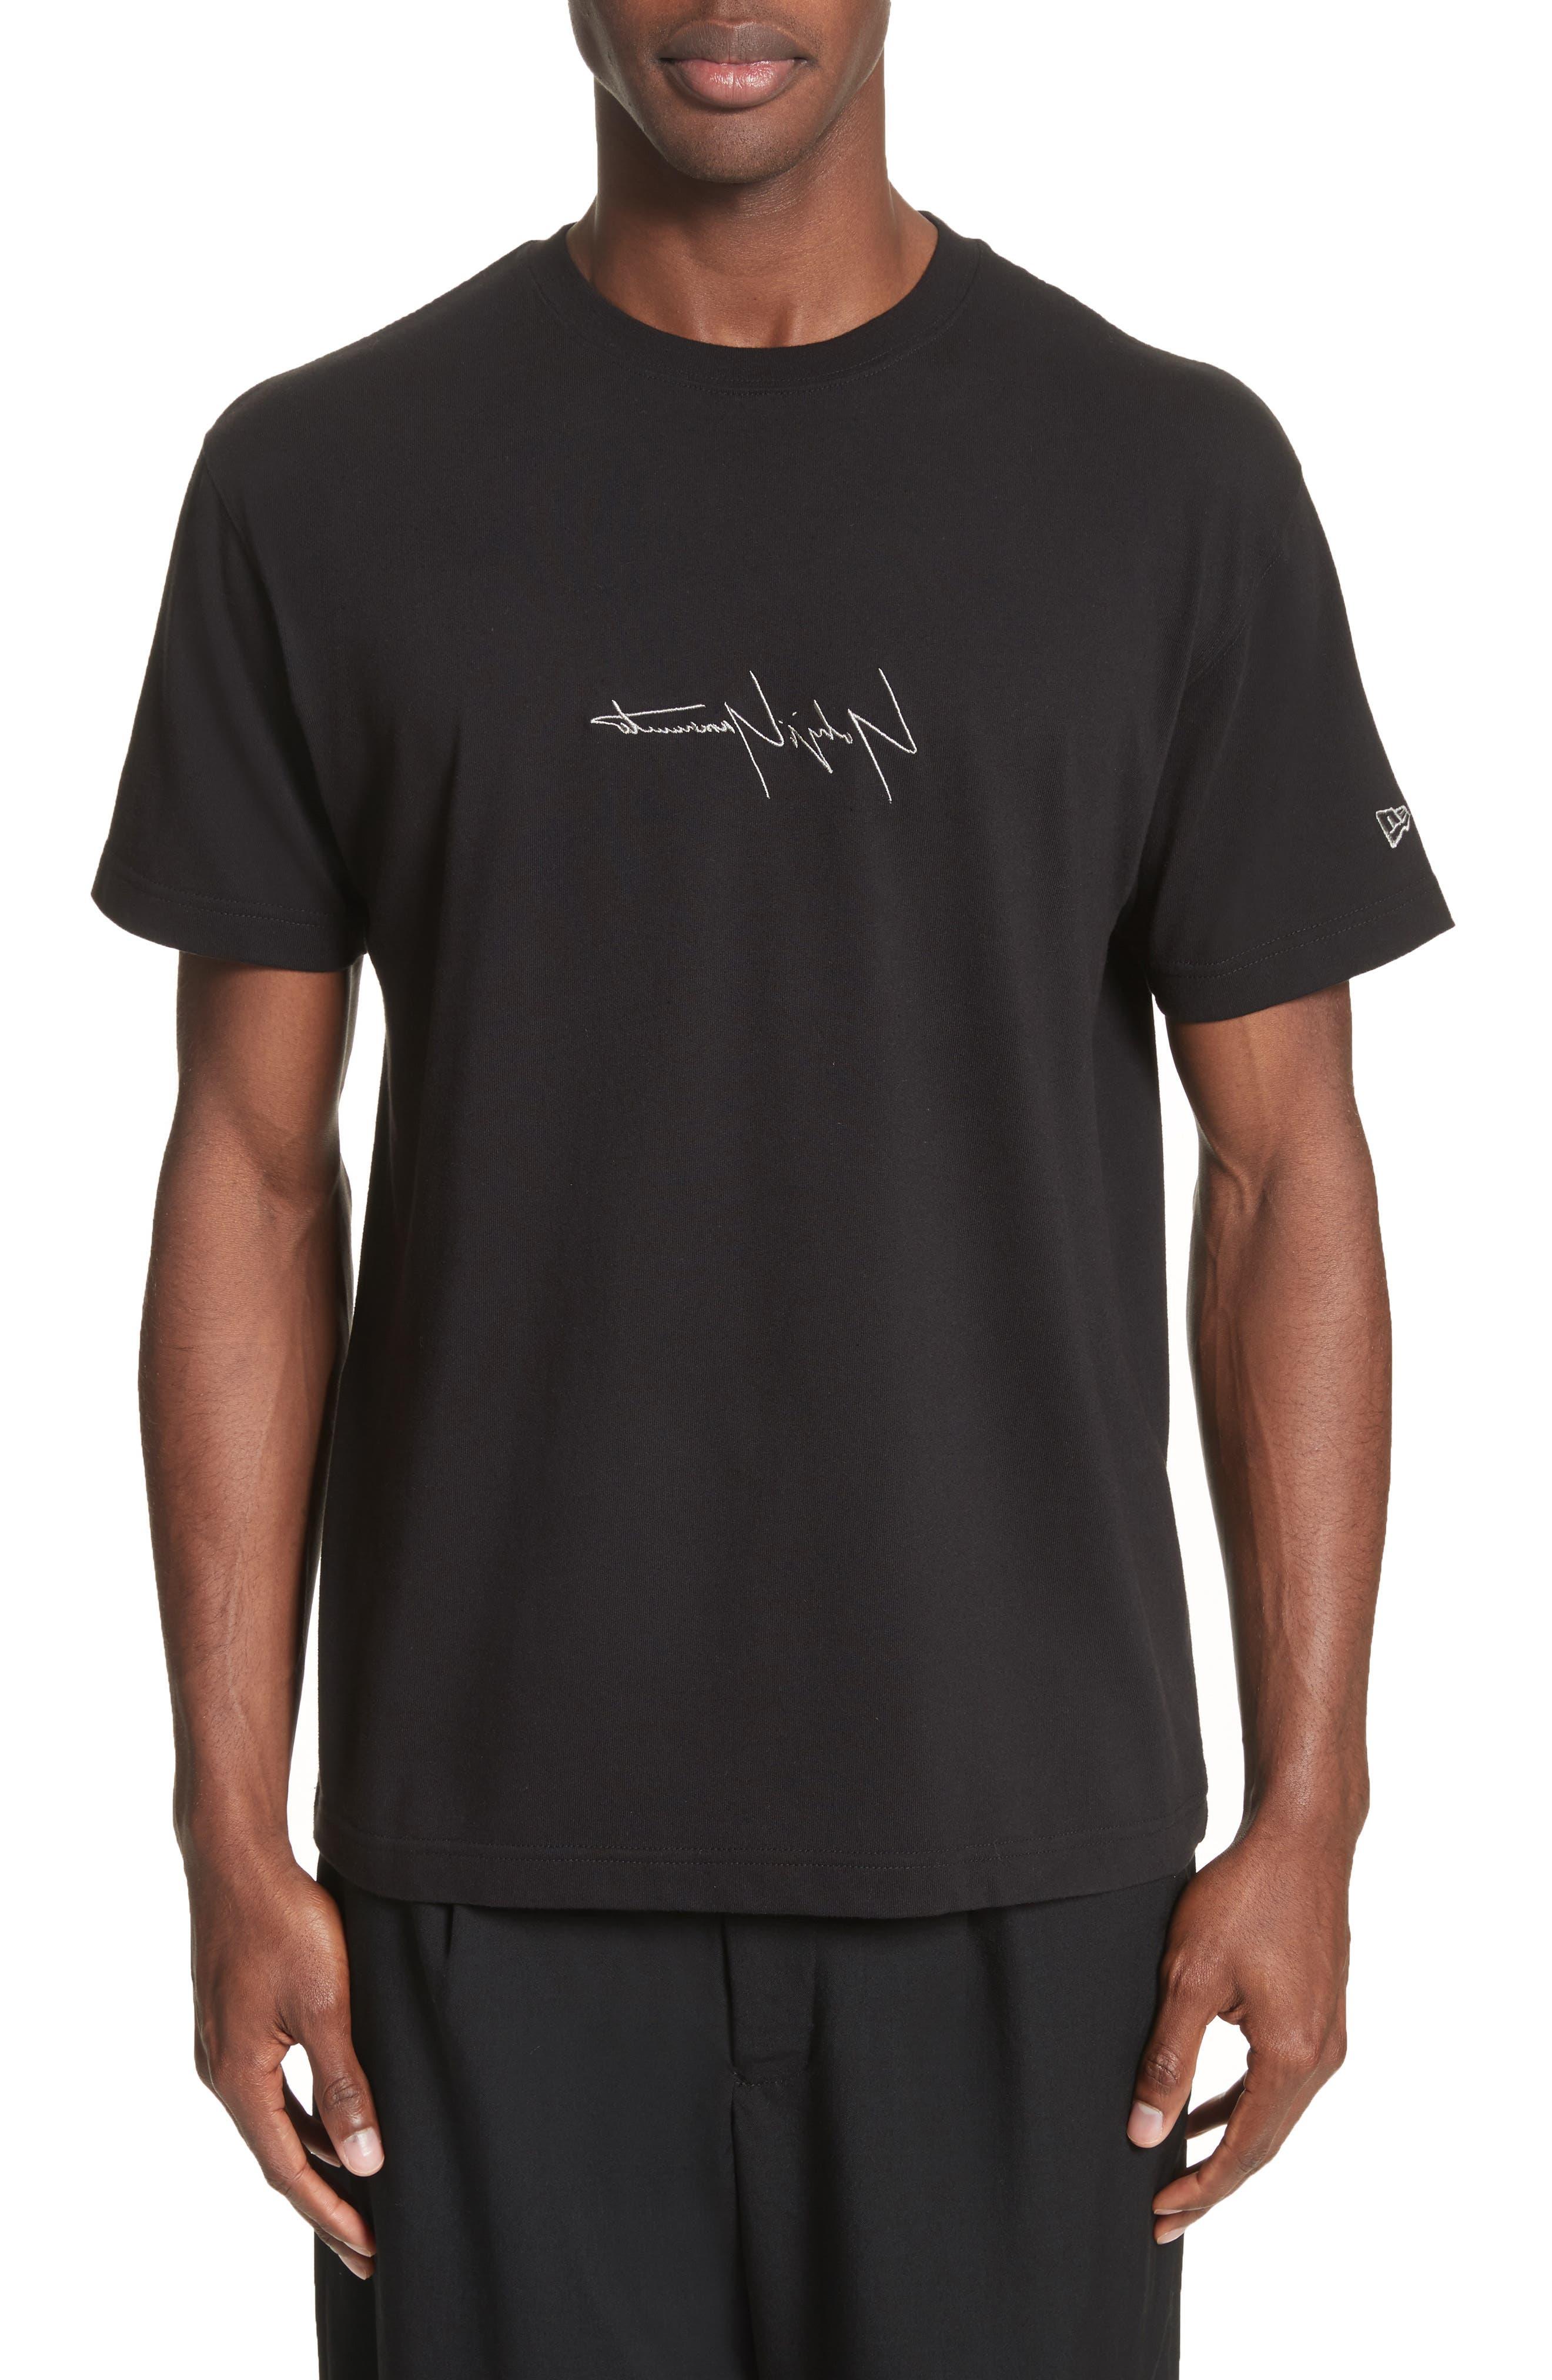 Yohji Yamamoto x New Era Embroidered Script T-Shirt